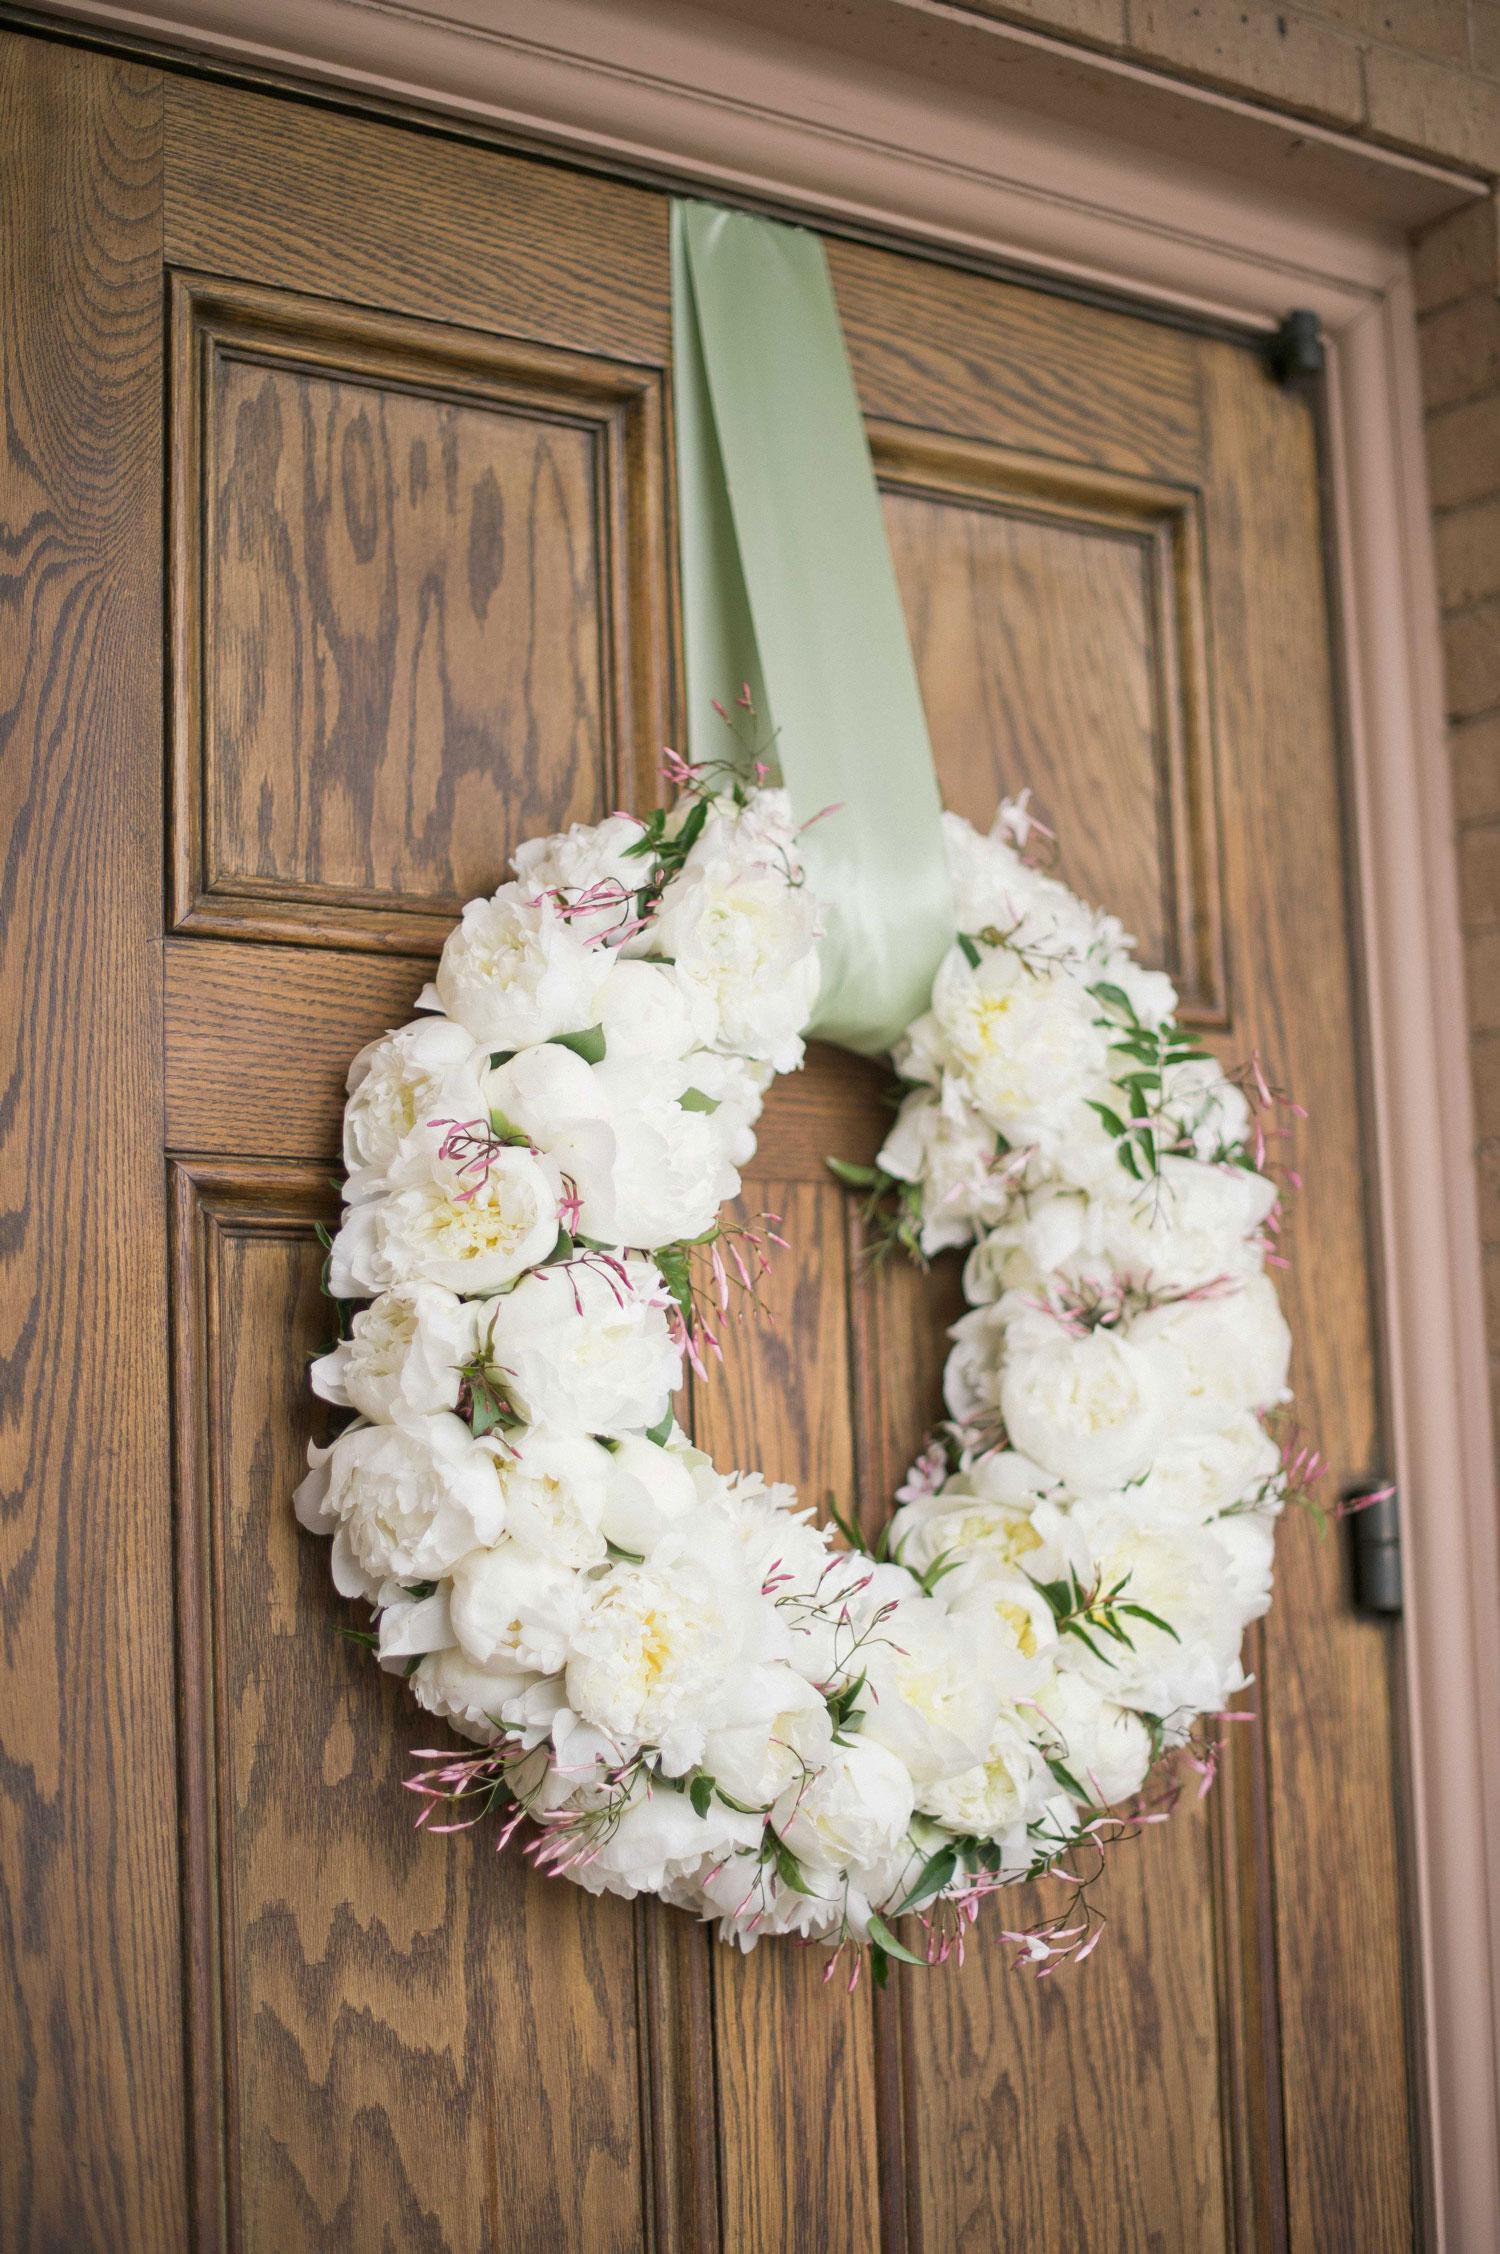 Ceremony church door wreath of white peony flowers